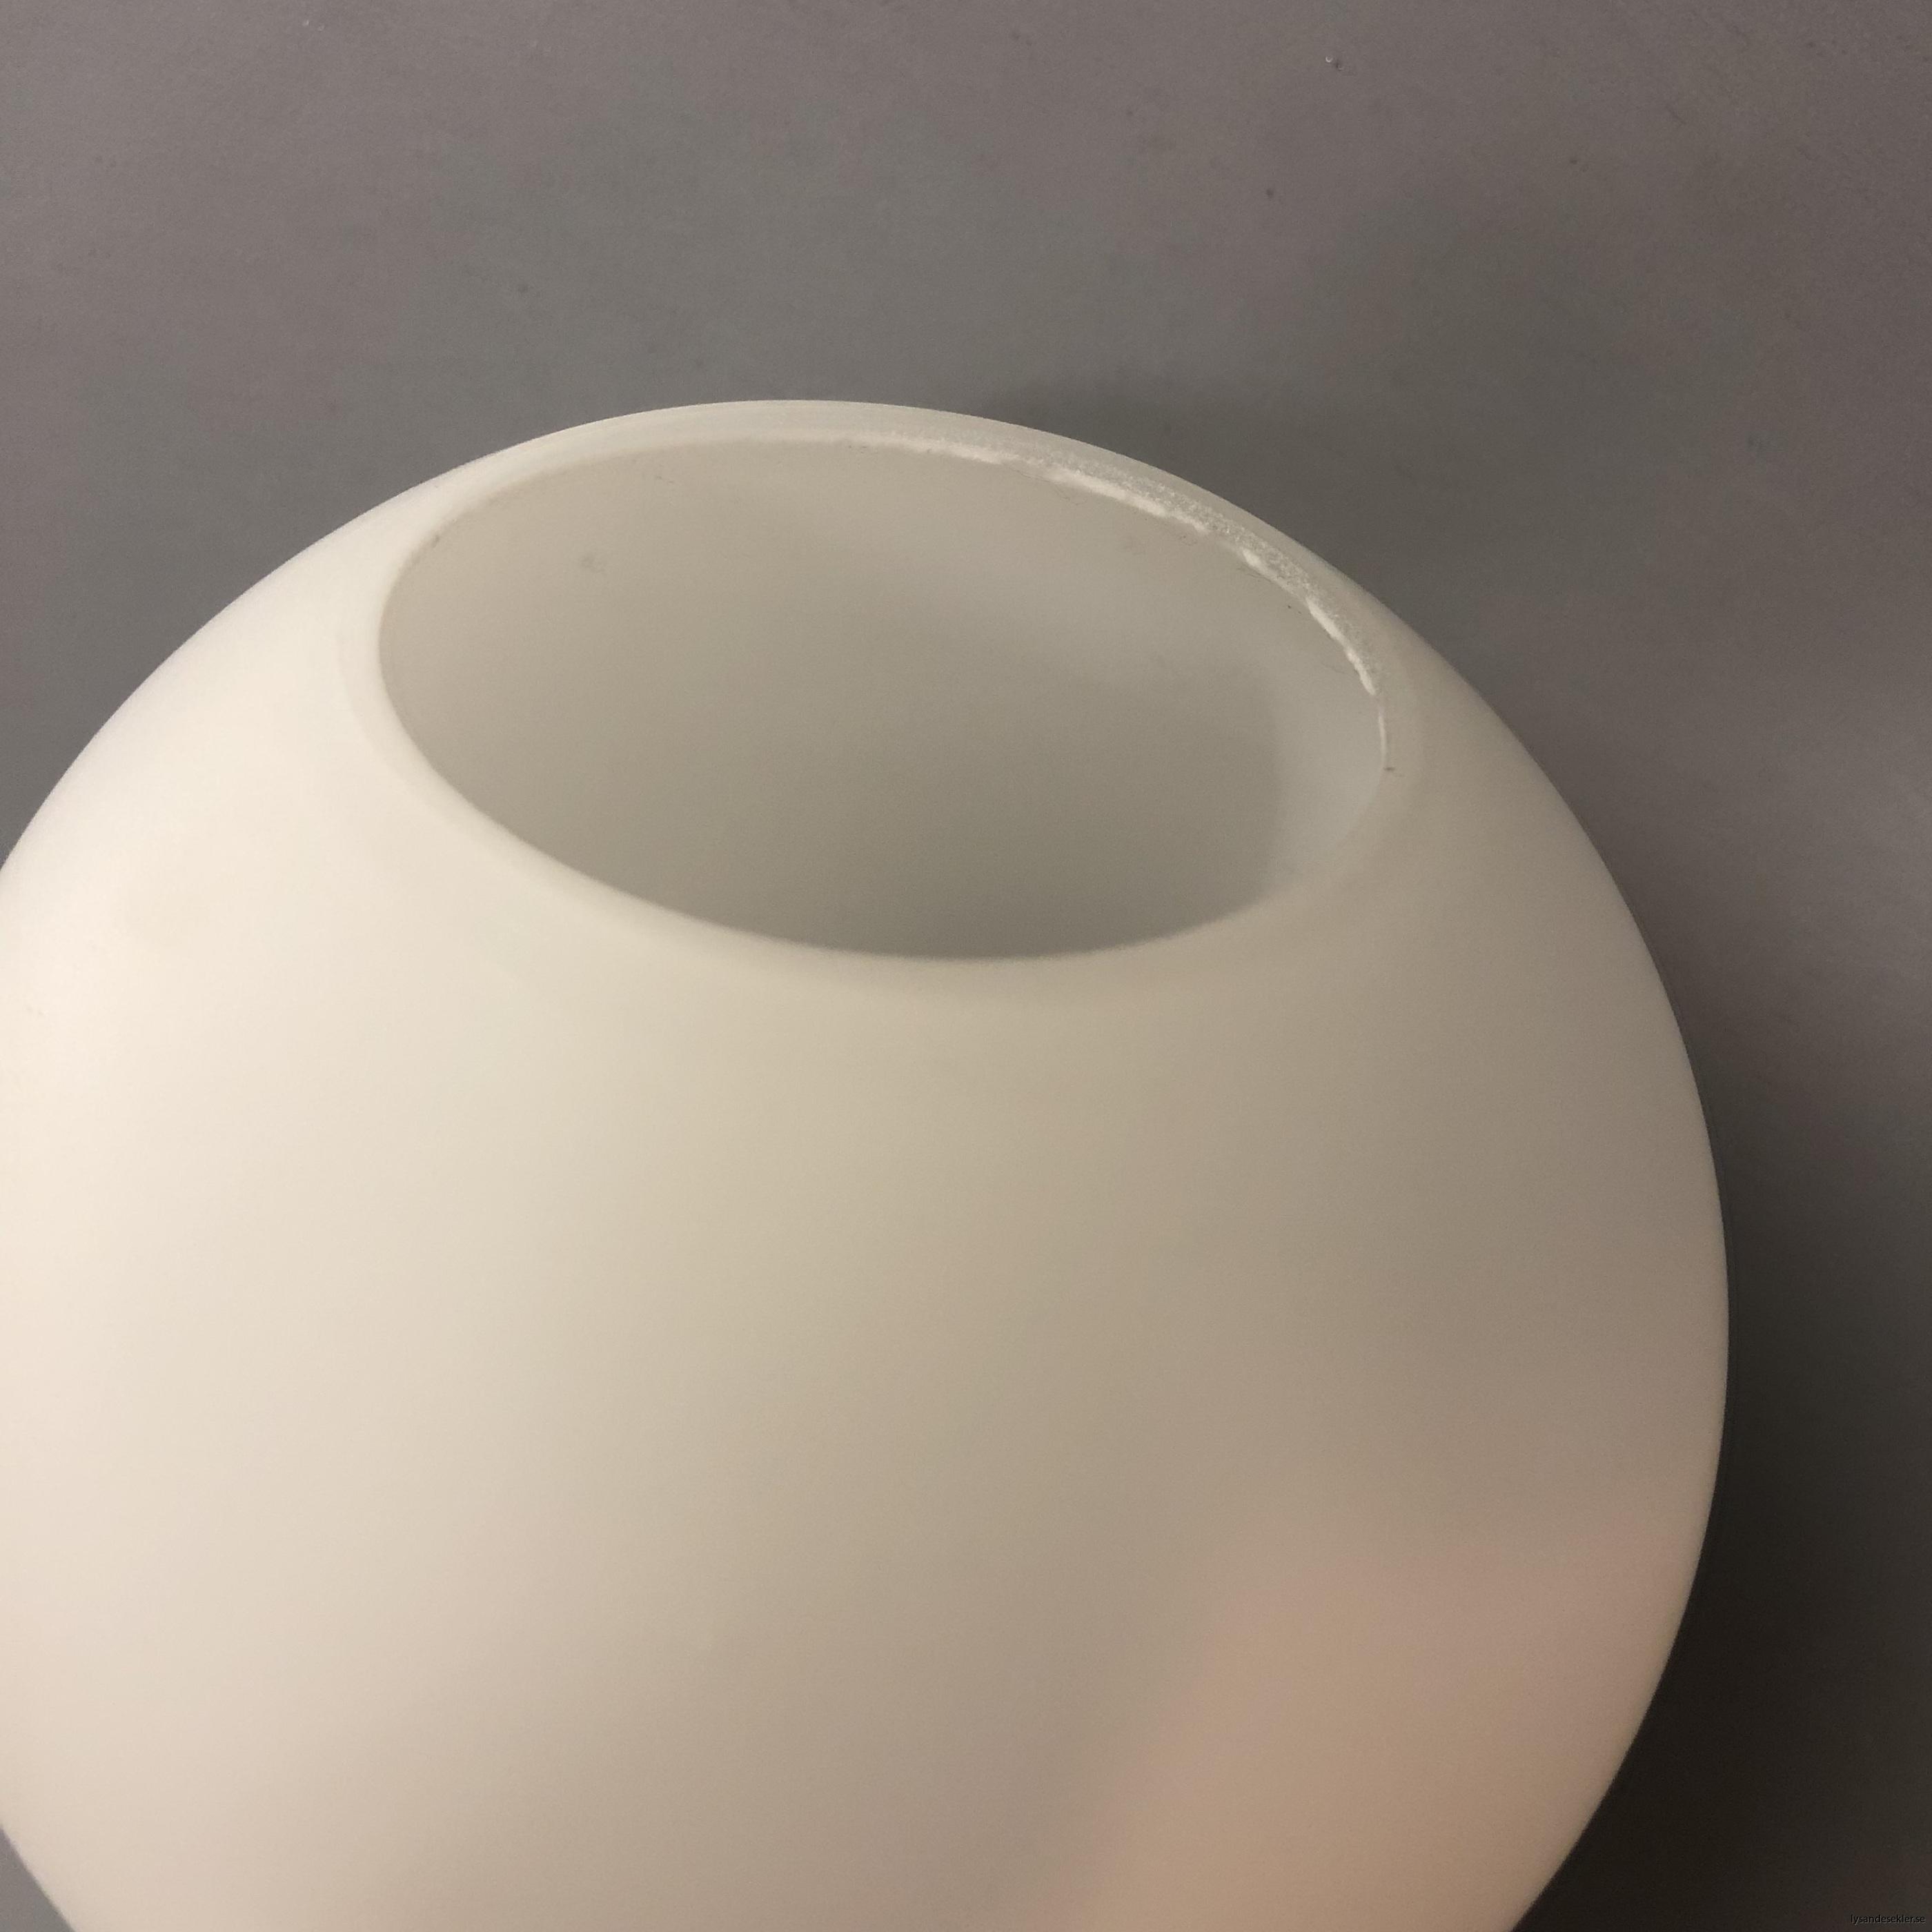 klot glas lampklot lampglas klotglas matt blankt vitt hålkupa hål13